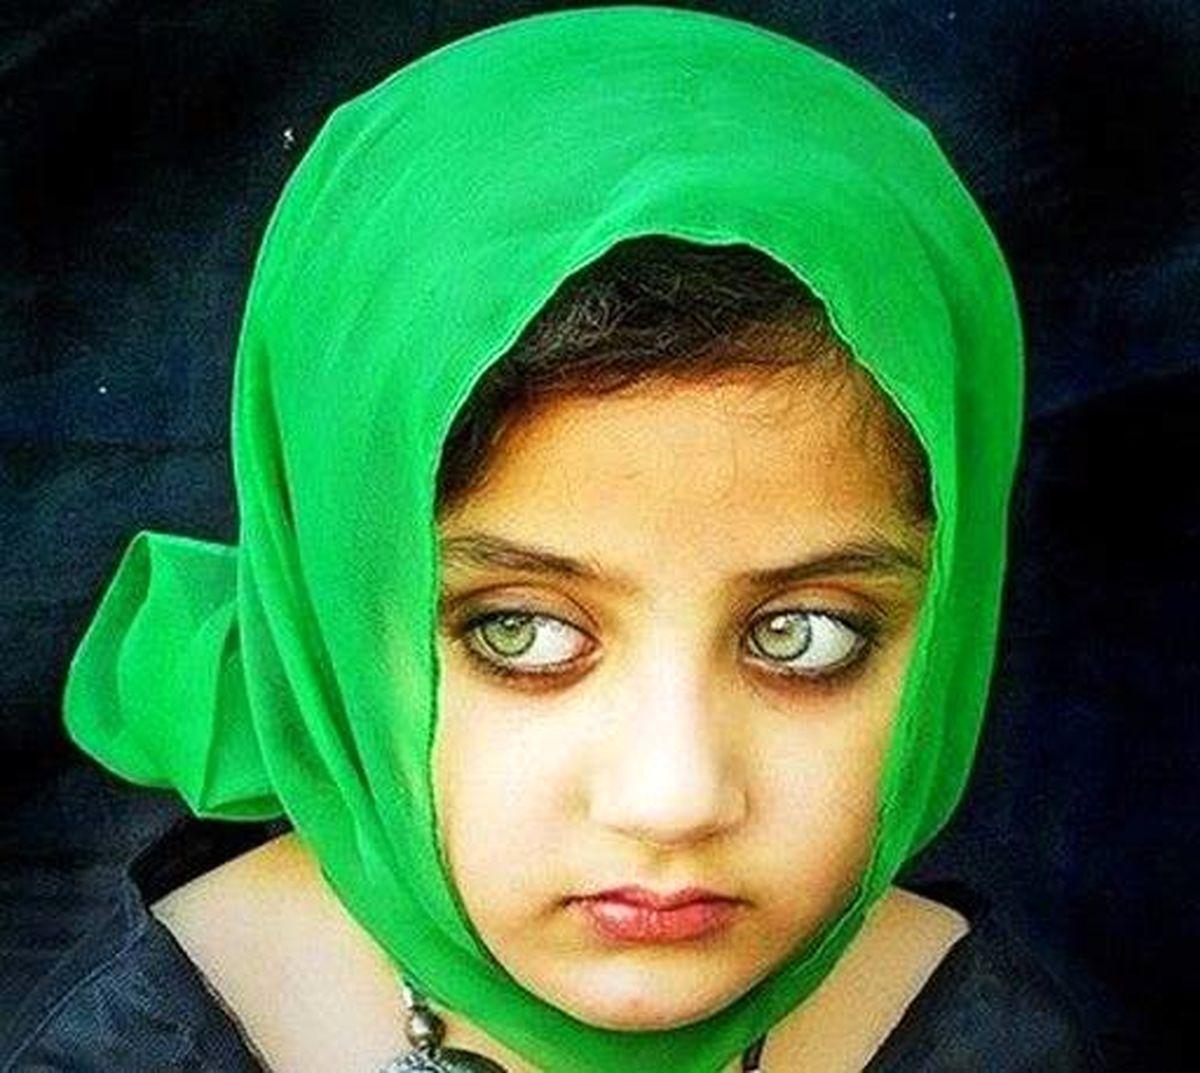 این دختر بچه زیباترین چشمهای جهان را دارد + عکس